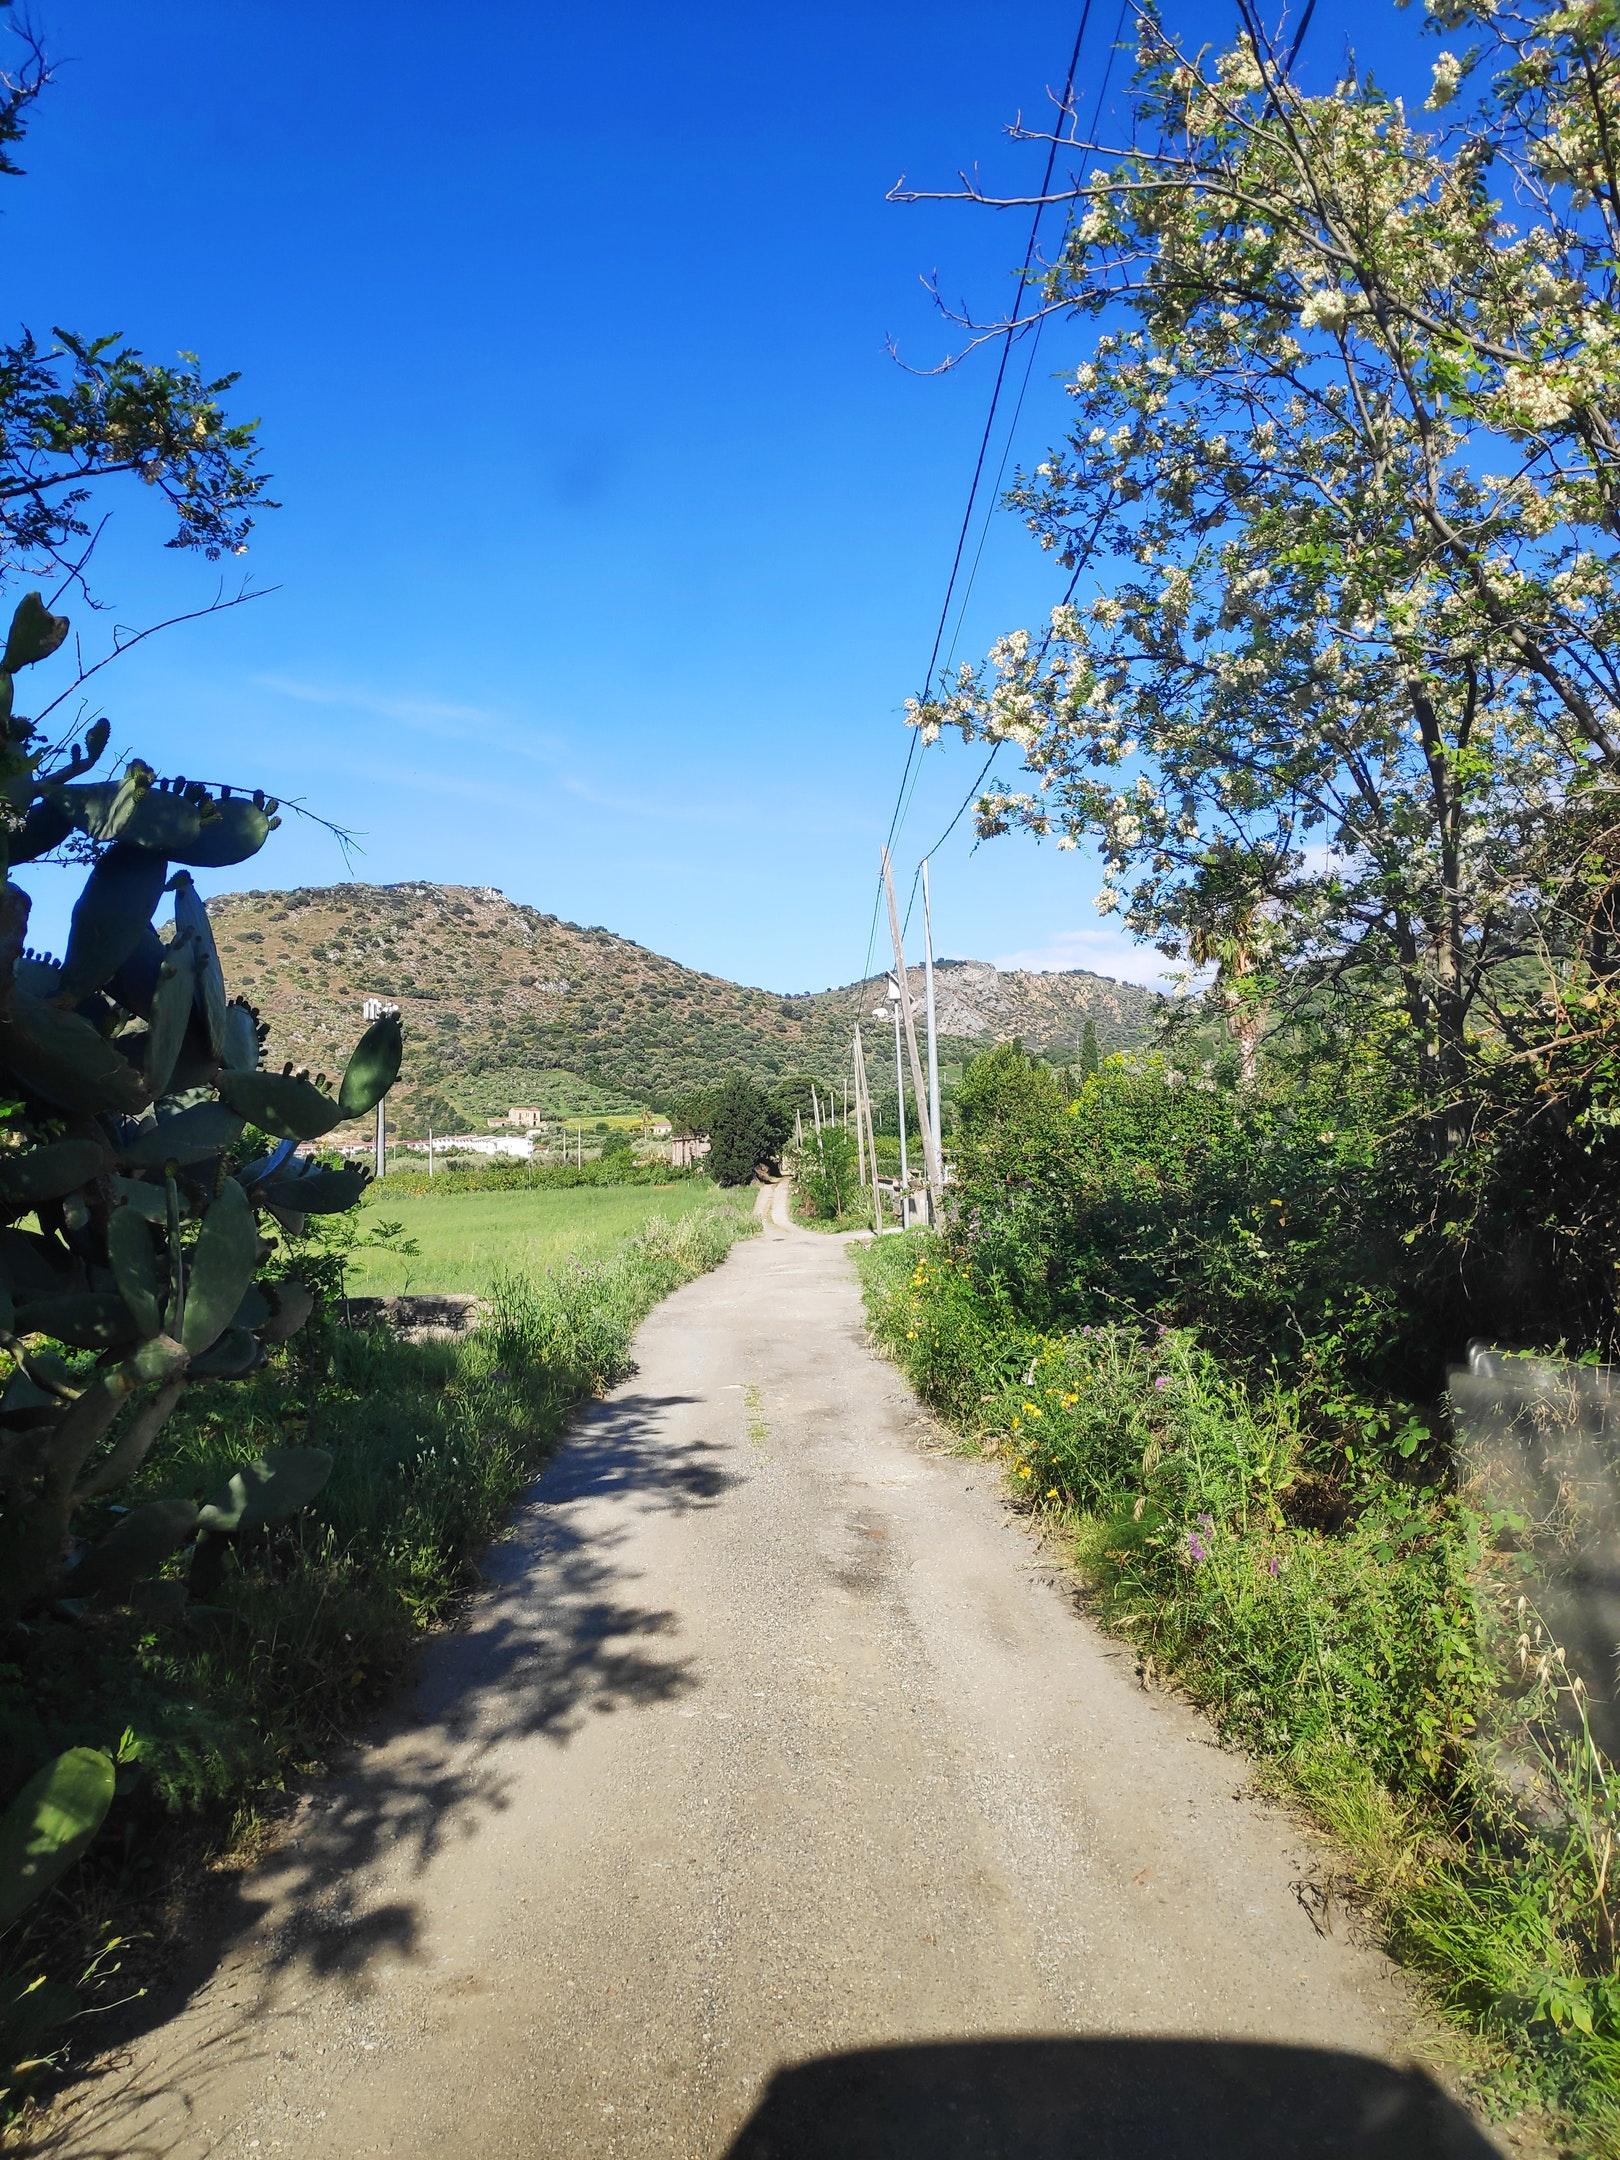 Ferienwohnung Studio in Mongiove mit eingezäuntem Garten - 800 m vom Strand entfernt (2599796), Patti, Messina, Sizilien, Italien, Bild 31